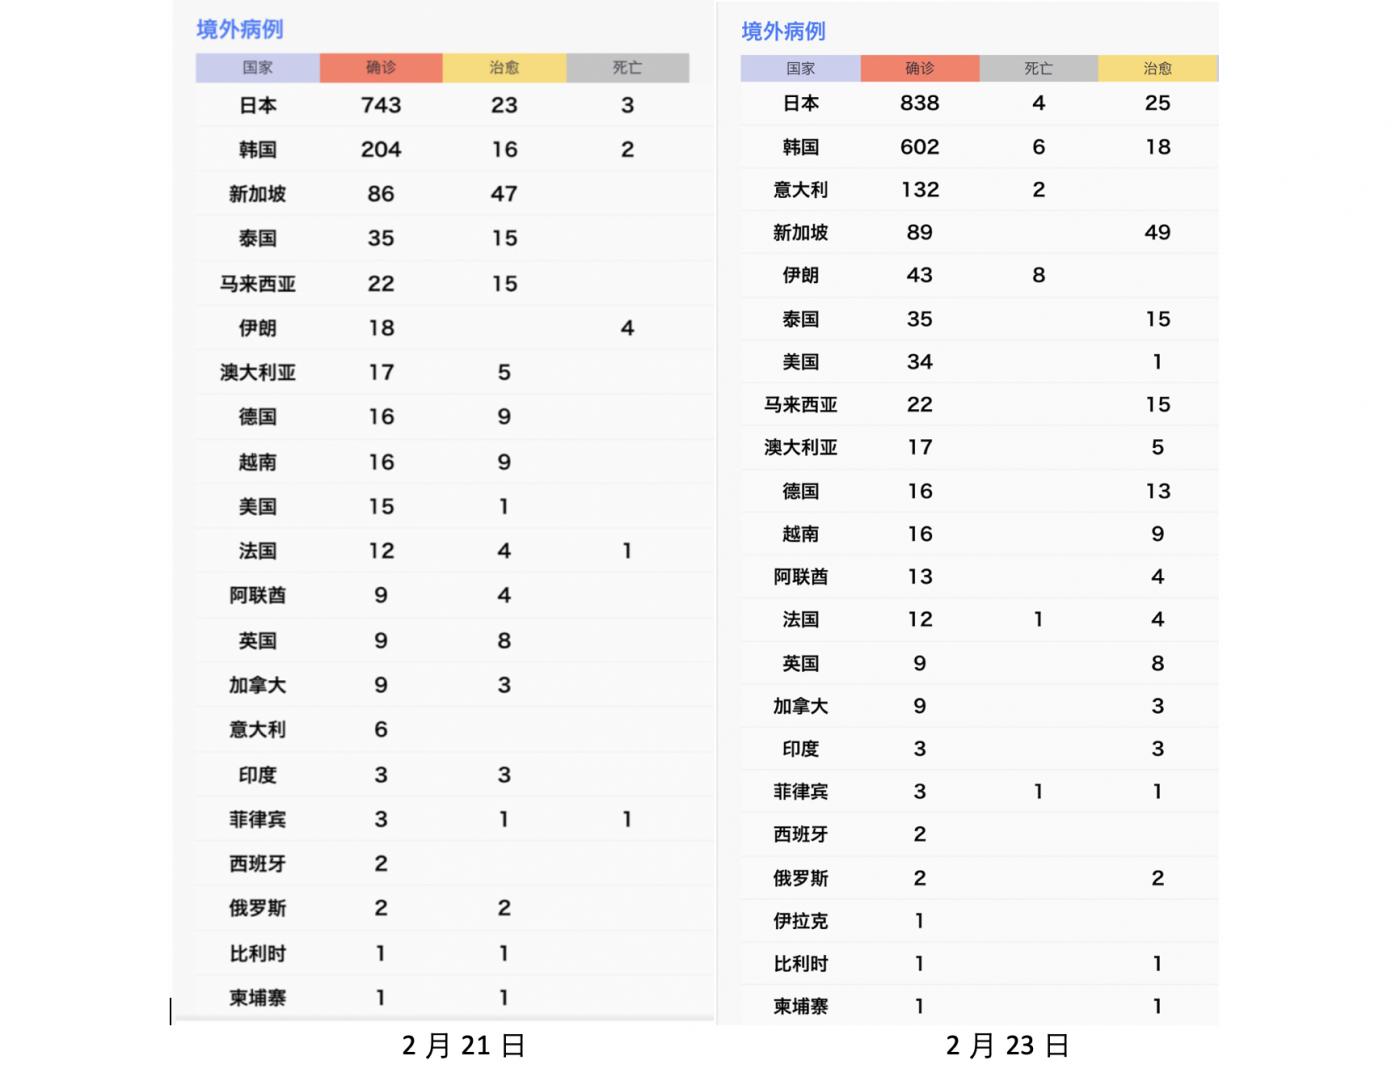 中国境内疫情在好转,但境外在恶化_图1-1